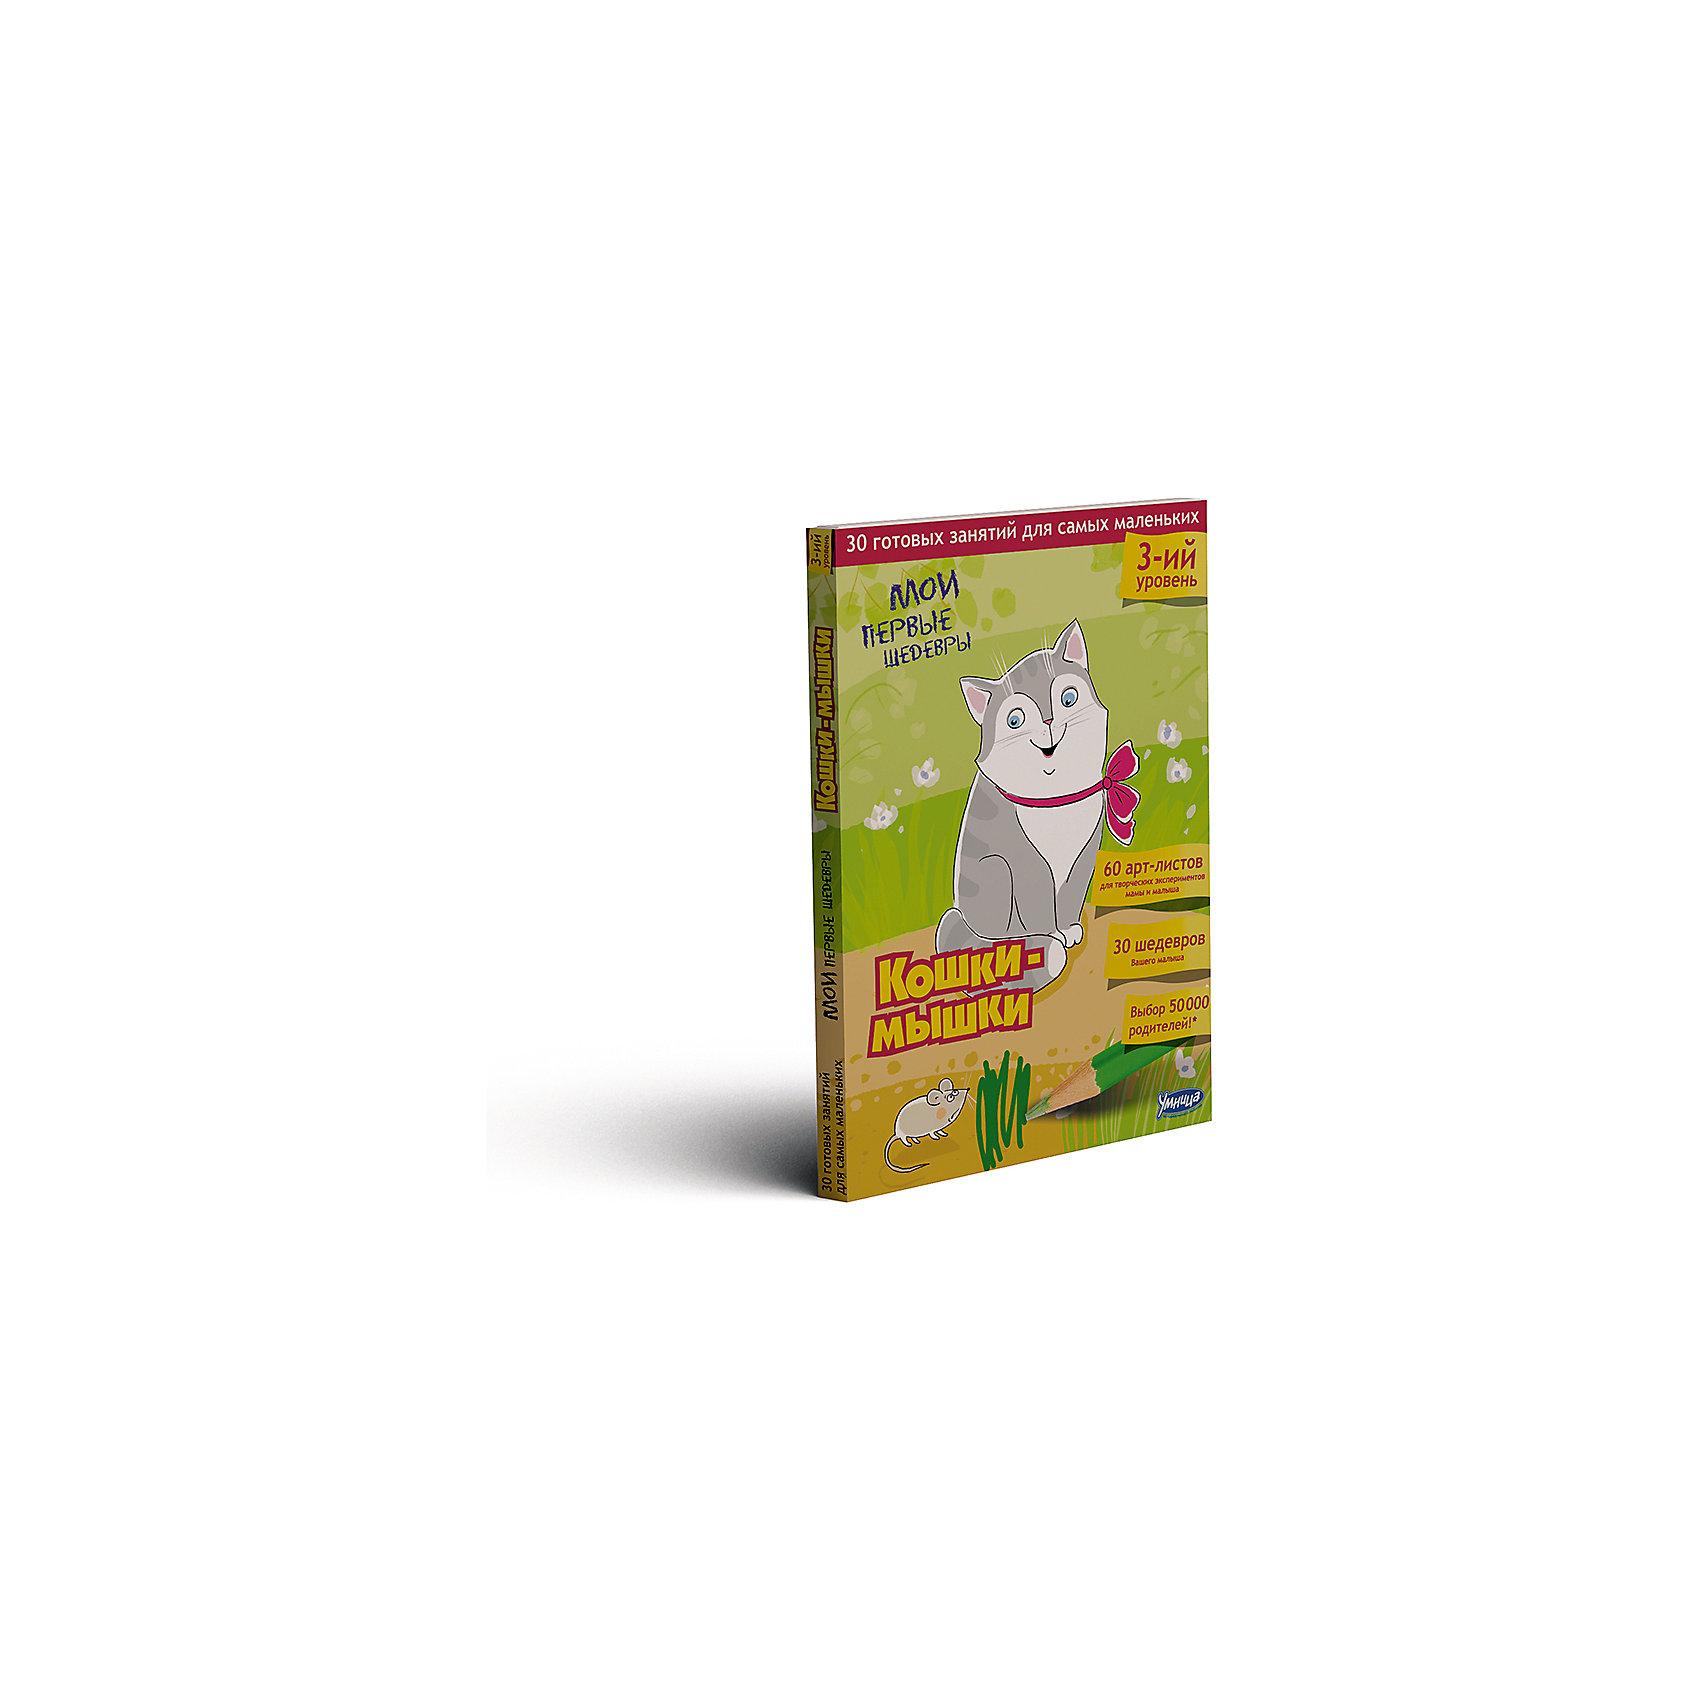 Комплект Мои первые шедевры. Кошки-мышкиКомплект Мои первые шедевры. Кошки-мышки - это проверенная методика творческого развития для Вашего малыша.<br>Комплект «Мои первые шедевры. Кошки-мышки» – это 30 готовых уроков для творческих занятий с ребёнком. Всё готово к творчеству - все «заготовки» и рекомендации, пошаговые инструкции внутри комплекта. Каждое занятие посвящено отработке различных техник рисования, аппликации и лепки. Малыш научится правильно держать кисточку, рисовать карандашом, работать с бумагой и пластилином, различать цвета и оттенки и создавать свои первые художественные шедевры. Особенность занятий по комплекту – это самостоятельность малыша. Каждое мини-занятие существует в двух экземплярах: арт-лист для мамы и арт-лист для ребёнка. Арт-лист для мамы содержит подробное задание, прочитав которое, Вы поймёте, что нужно сделать и сможете показать пример ребёнку. Кроха также может попрактиковаться на Вашем арт-листе, чтобы уверенно начать работать на своём. Арт-лист ребёнка не имеет текста с заданием, на нём малыш сам создаёт свой первый шедевр. Такие упражнения помогают формировать самостоятельность, ведь кроха творит здесь уже без Вашей помощи! В результате у ребёнка развивается стремление к более глубокому и разностороннему творчеству, мелкая моторика, координация руки, воображение, интеллект. Формируется восприятие оттенков, размеров, воспитывается любовь к творчеству.<br><br>Дополнительная информация:<br><br>- В комплекте: 30 арт-листов для мамы, 30 арт-листов для малыша<br>- Размер упаковки: 21,5 х 1 х 29,5 см.<br>- Вес: 630 гр.<br><br>Комплект Мои первые шедевры. Кошки-мышки можно купить в нашем интернет-магазине.<br><br>Ширина мм: 215<br>Глубина мм: 10<br>Высота мм: 295<br>Вес г: 630<br>Возраст от месяцев: 36<br>Возраст до месяцев: 84<br>Пол: Унисекс<br>Возраст: Детский<br>SKU: 4200824